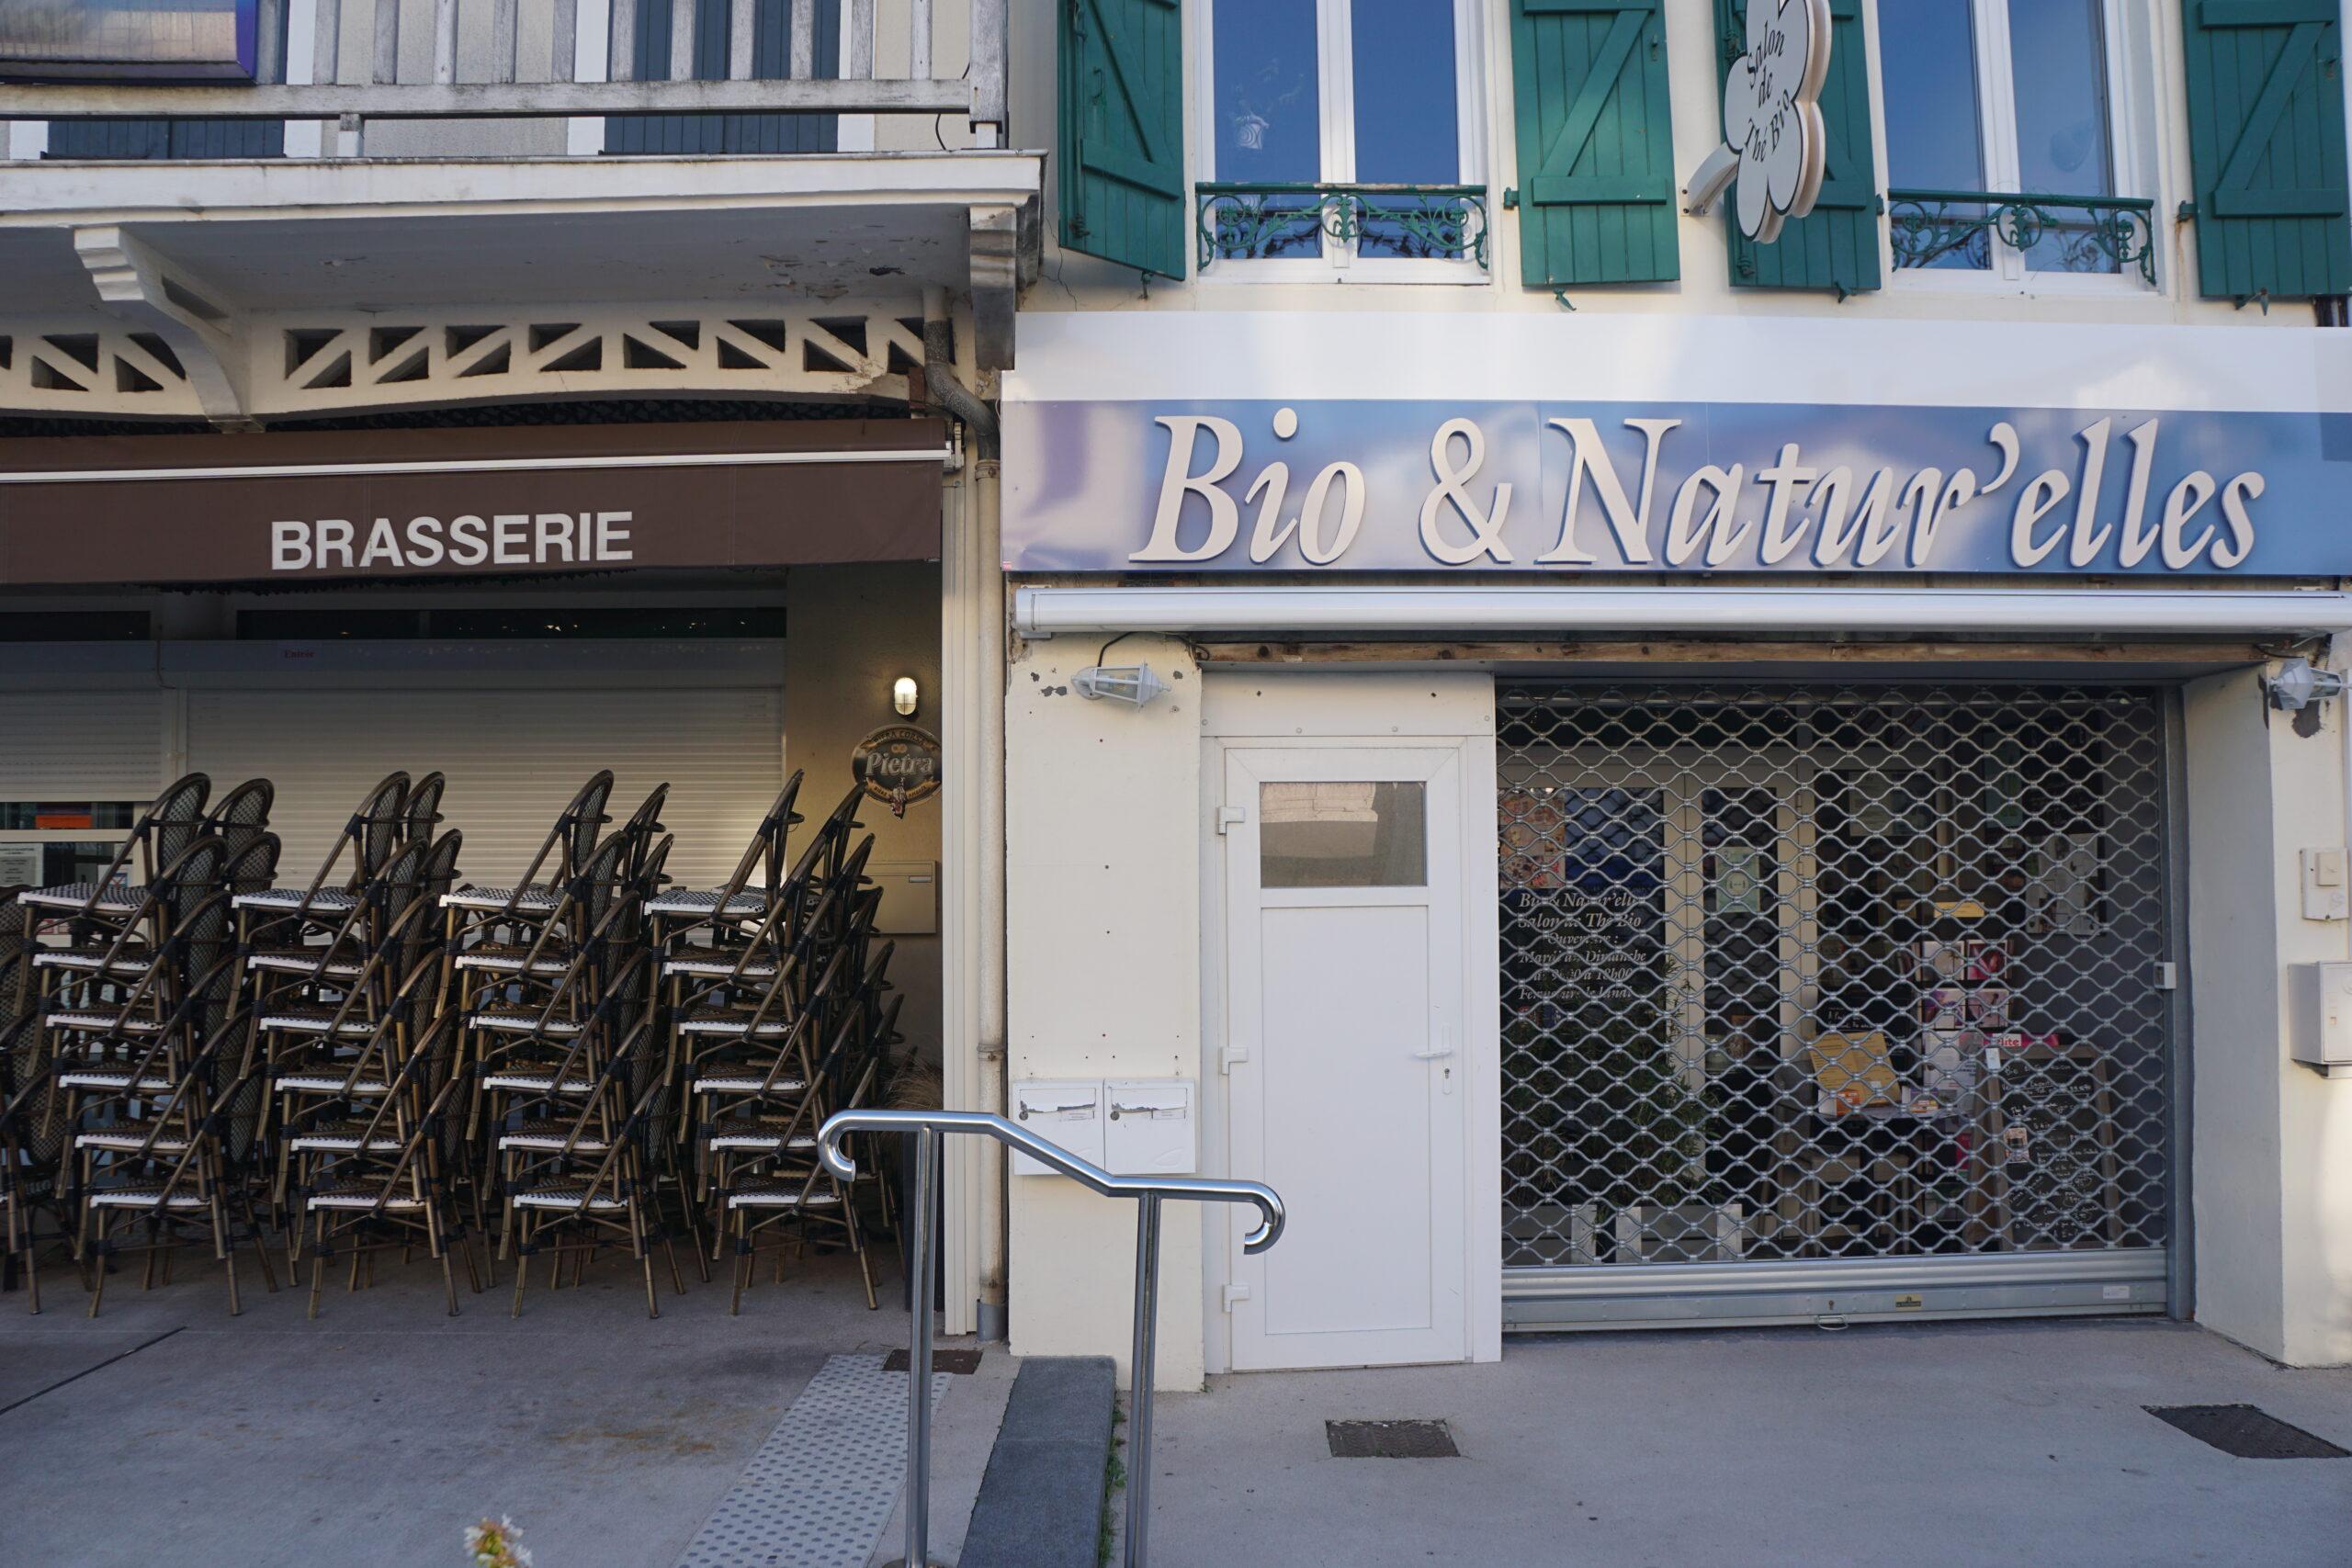 Photographie des devantures d'une boutique et d'un café, fermées.